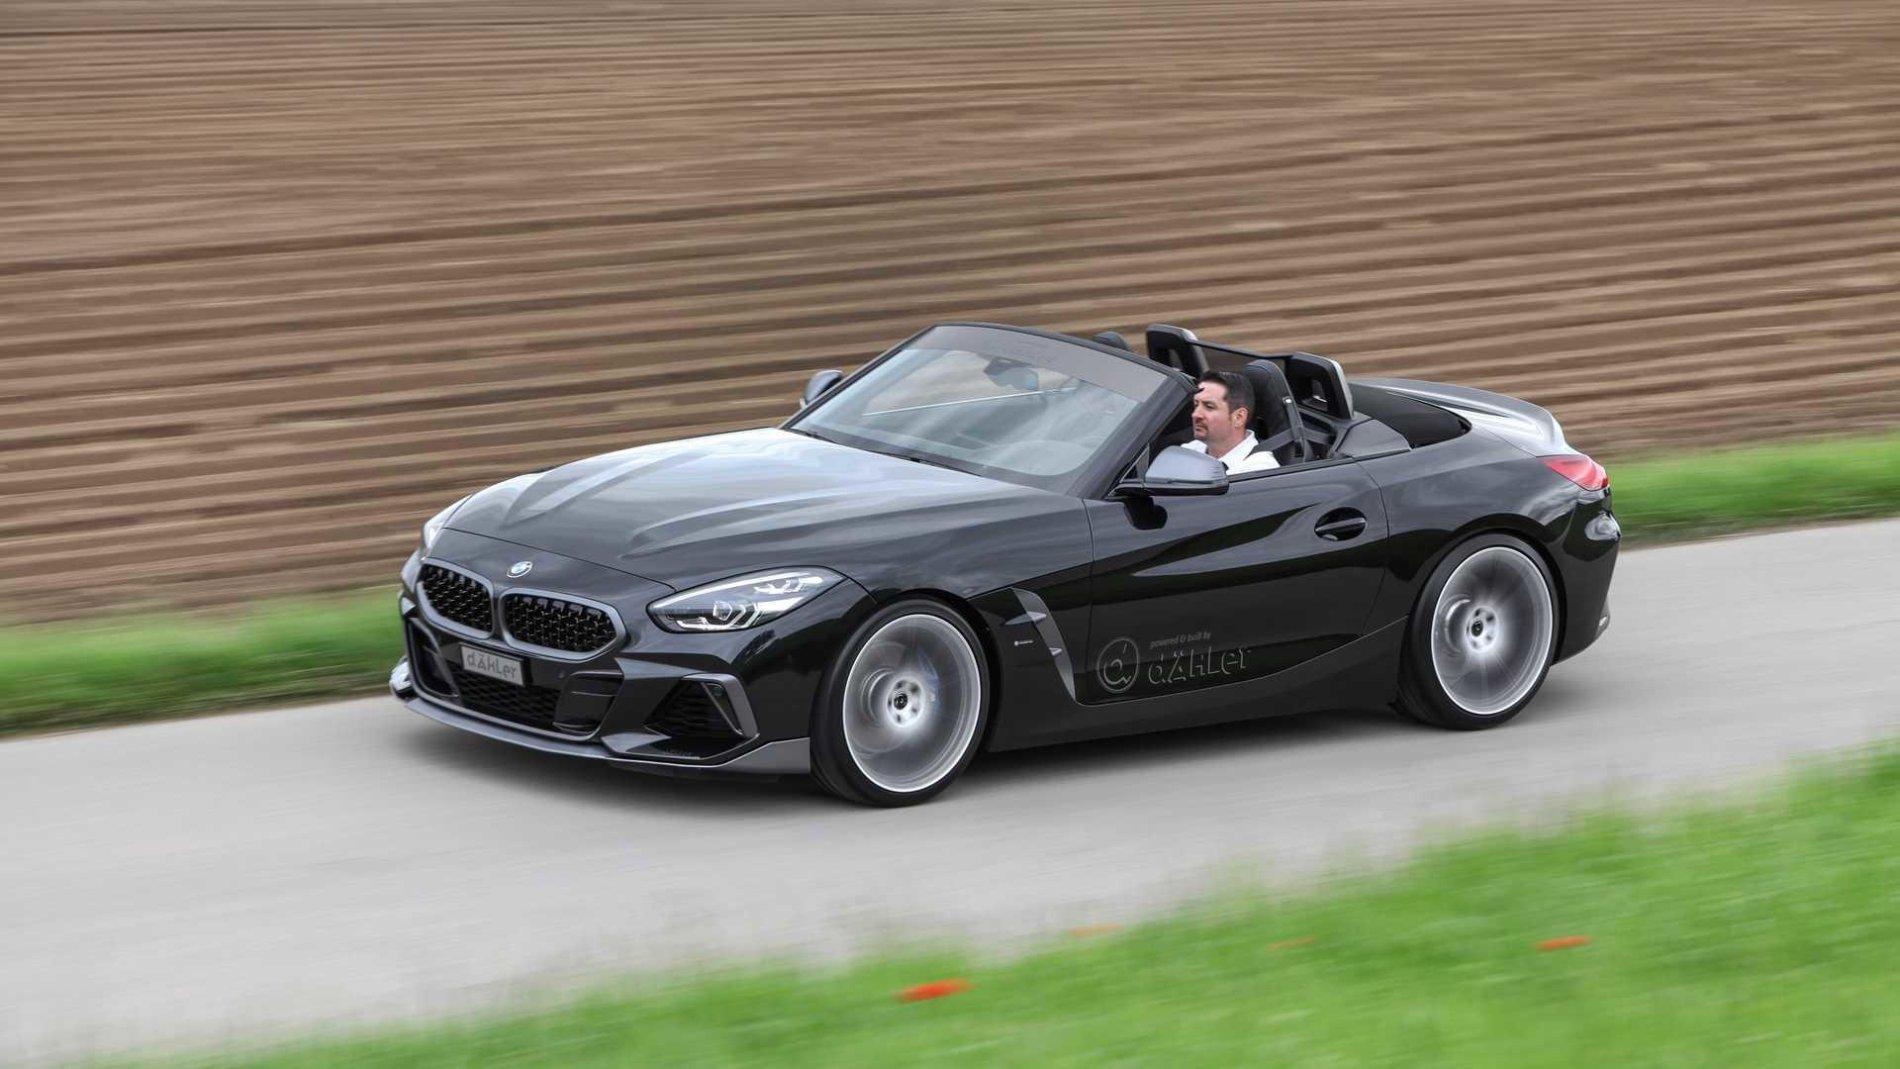 BMW Z4 M40i Dahler - BMW Z4 M40i Dahler